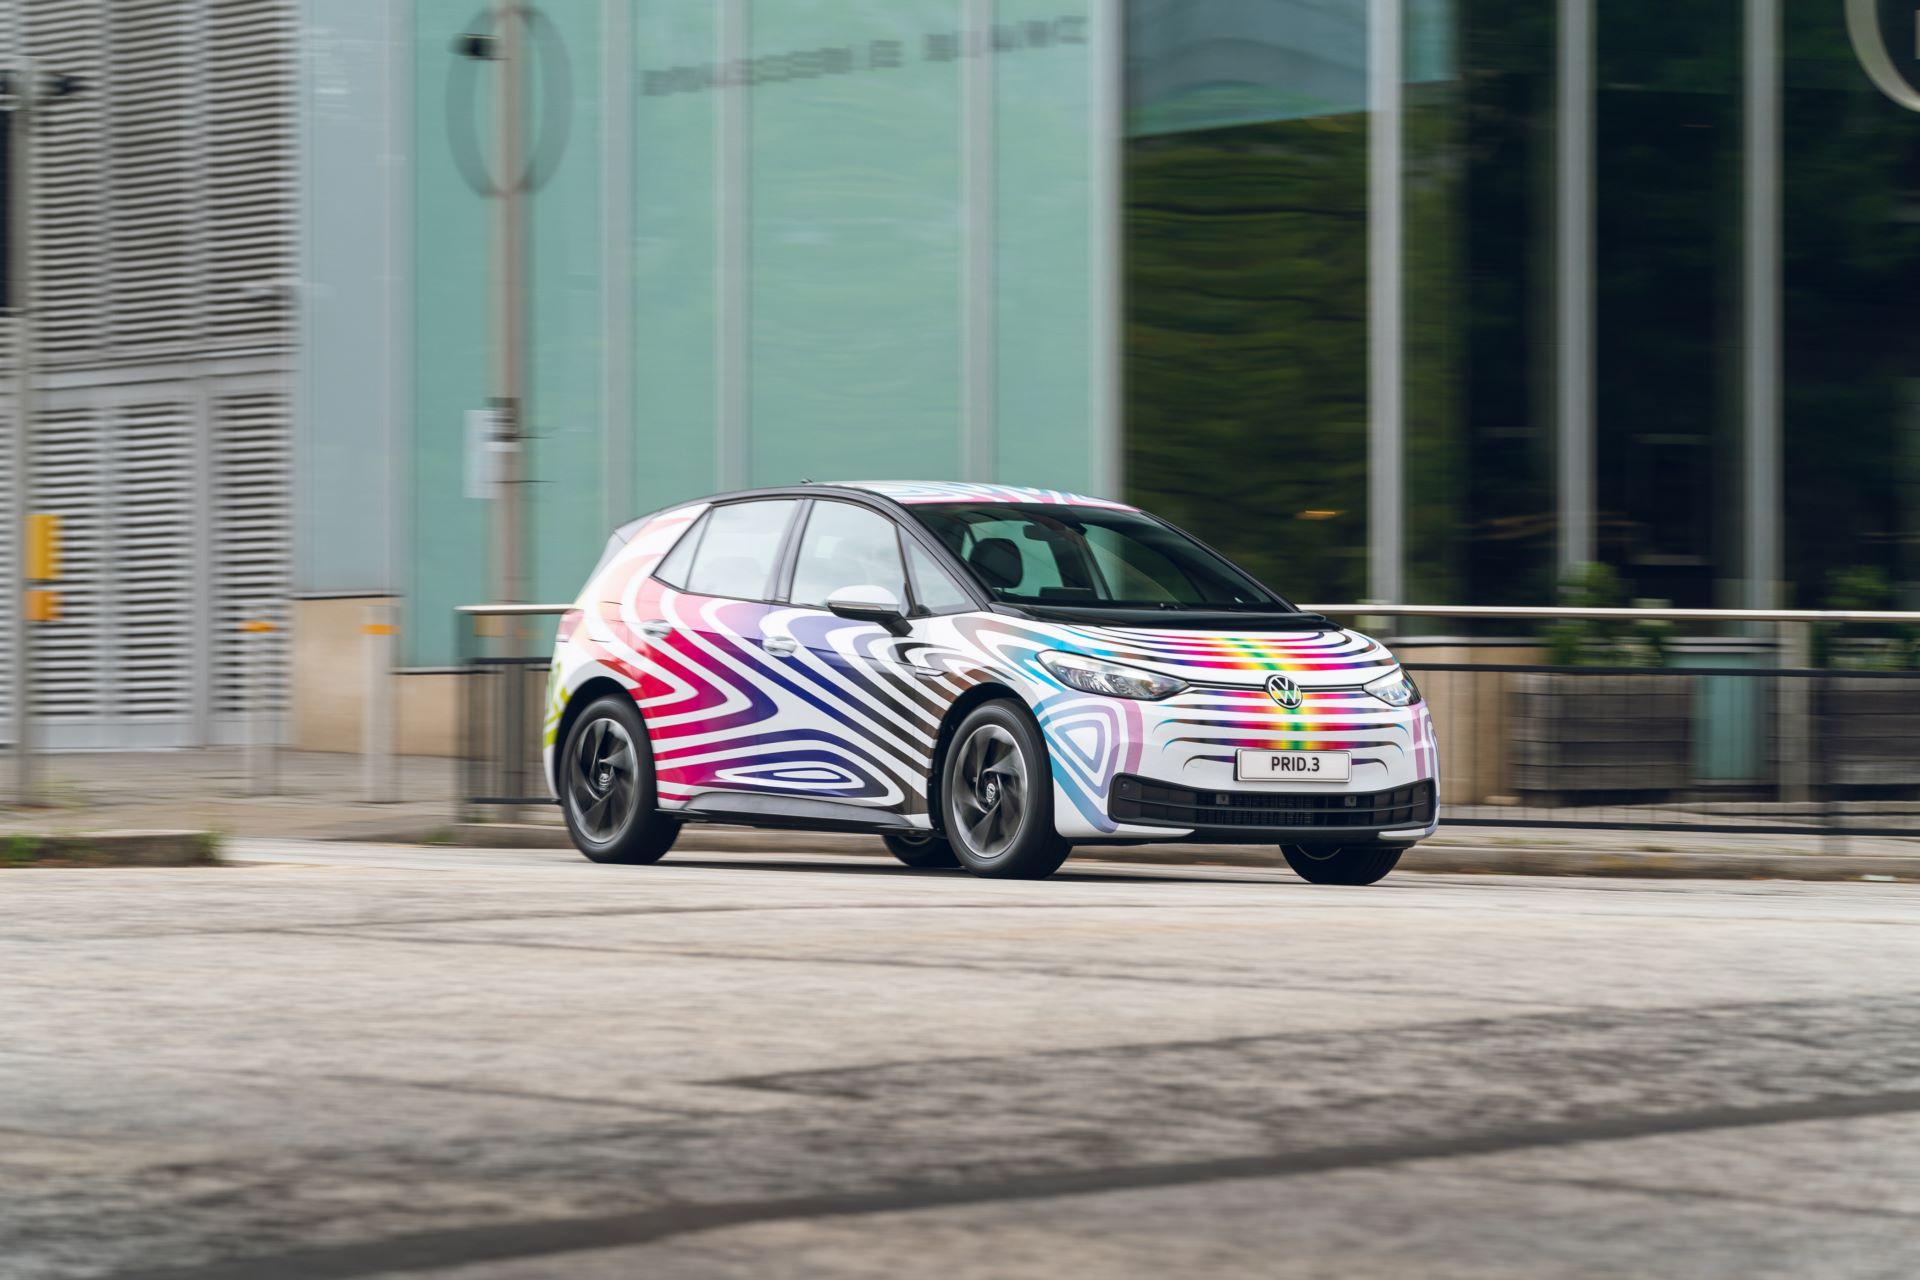 Volkswagen-PRID.3-3